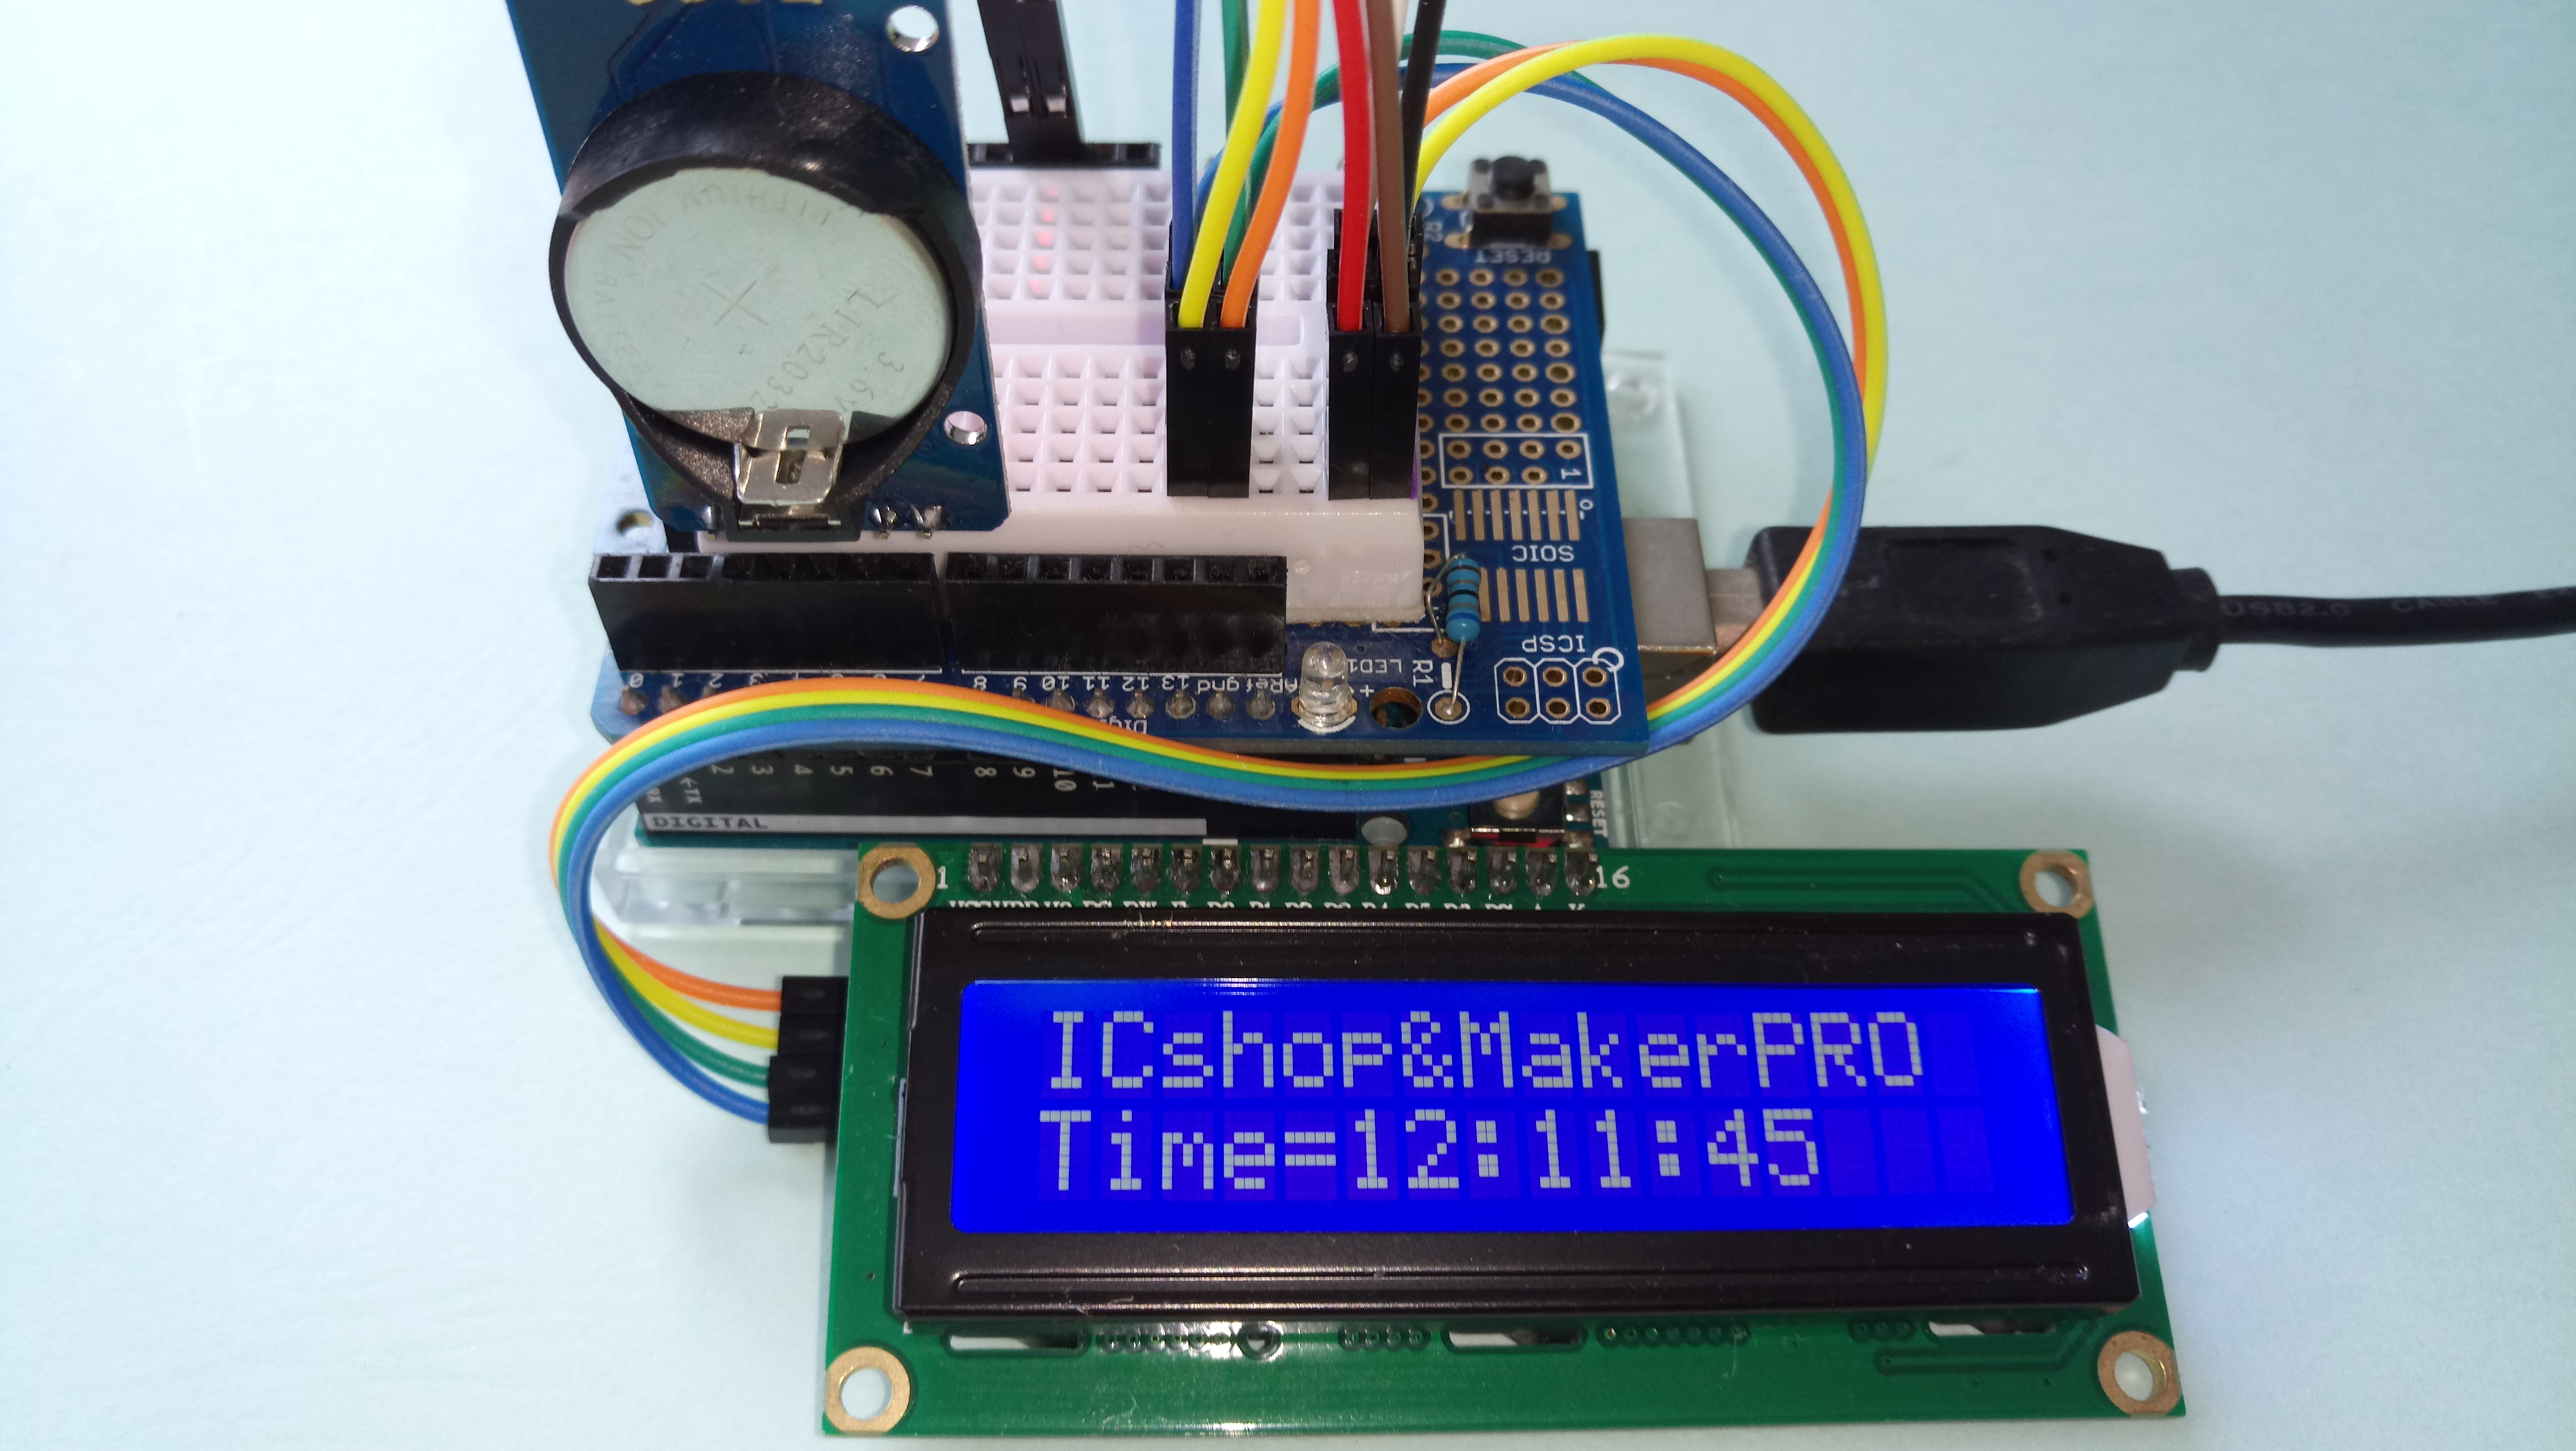 自造學堂】如何用Arduino x RTC完成LCD時間顯示? | Building Maker